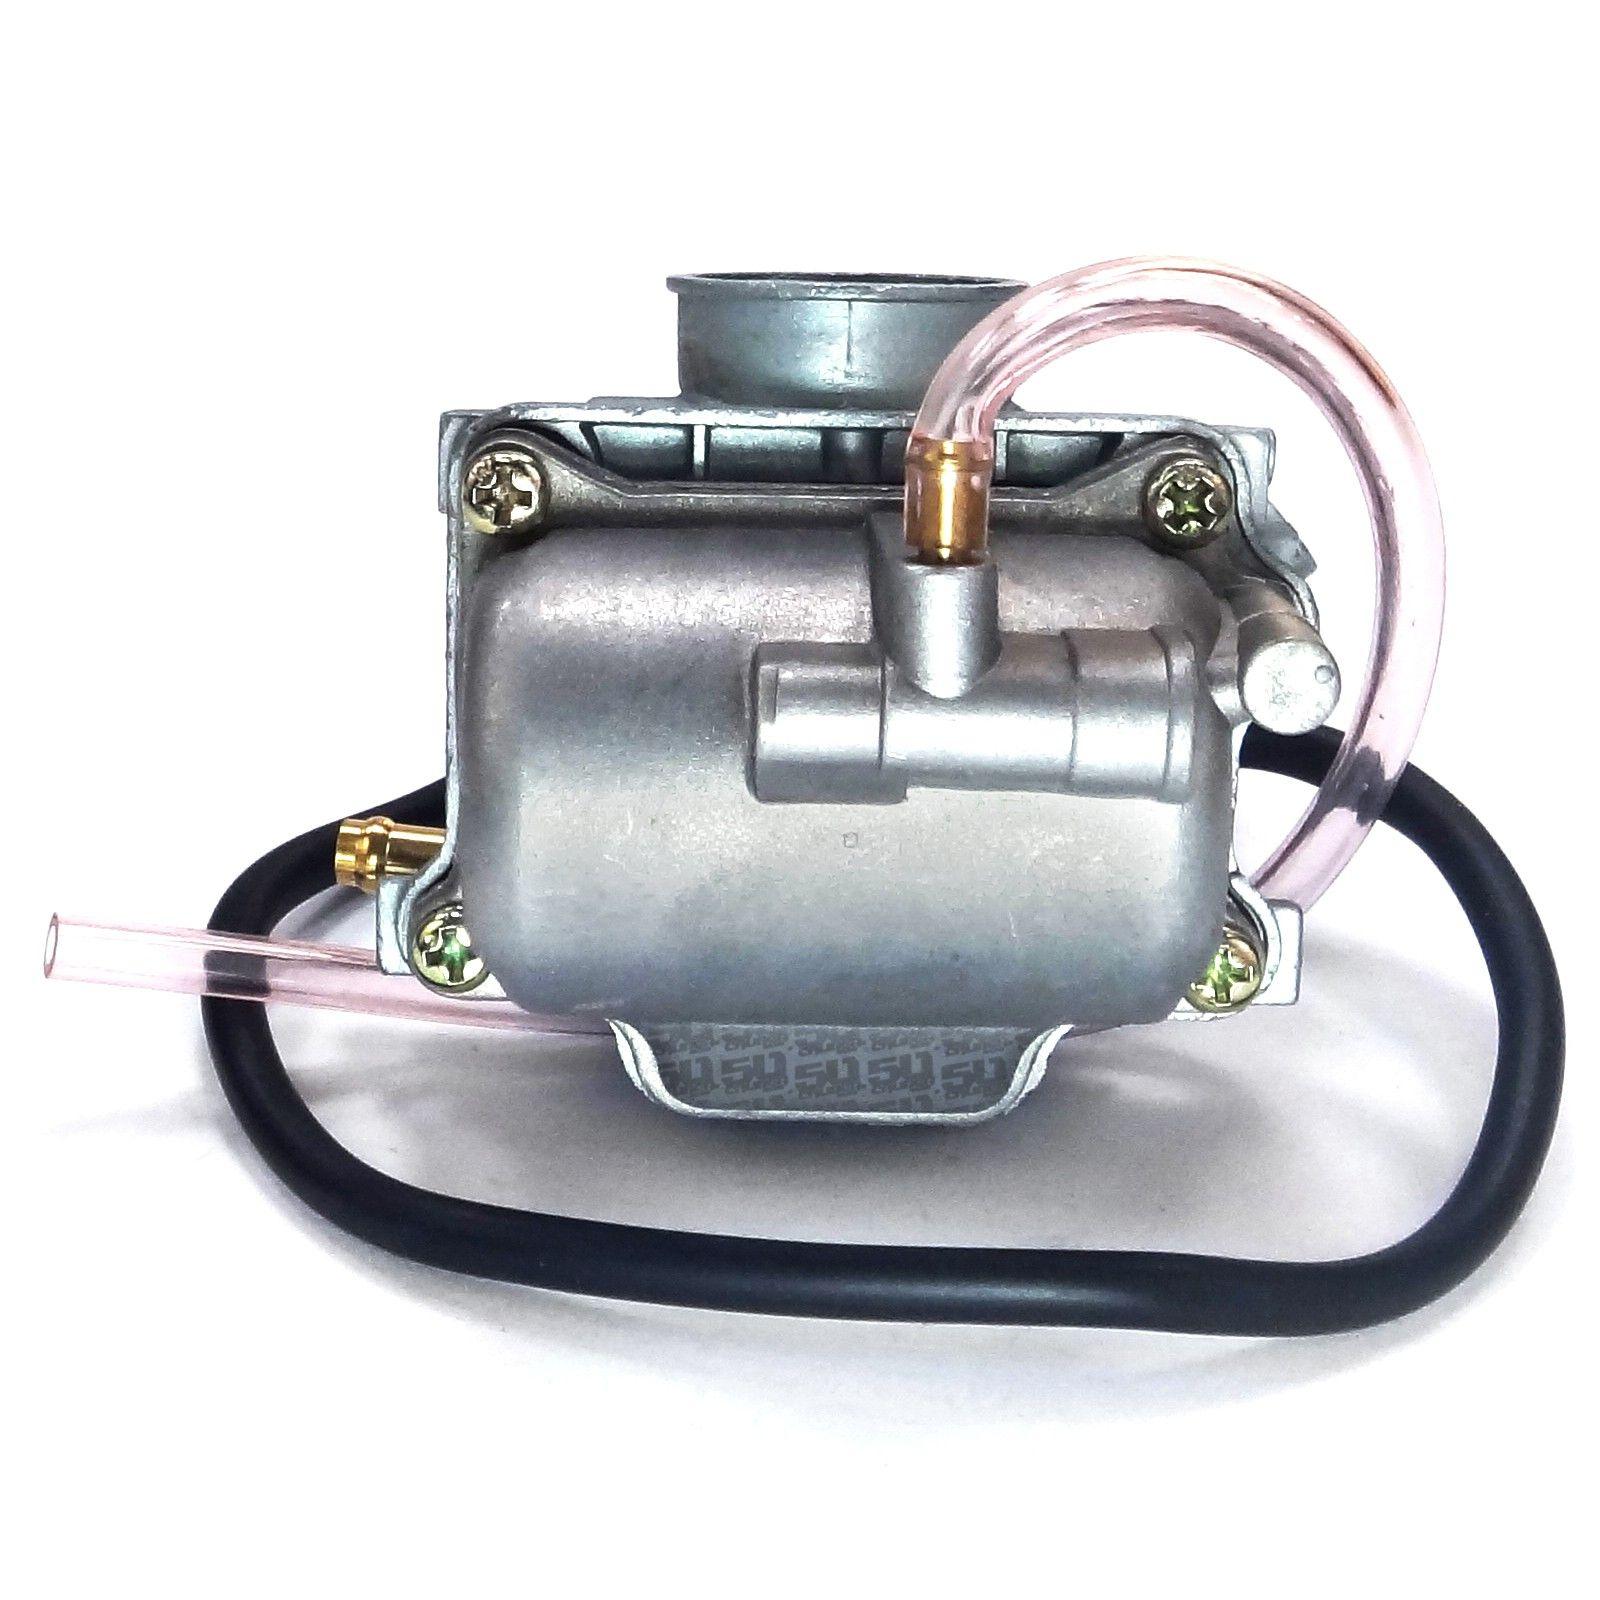 Replacement Upgrade Carburetor for 1987 to 2006 Suzuki ATV Quadsport